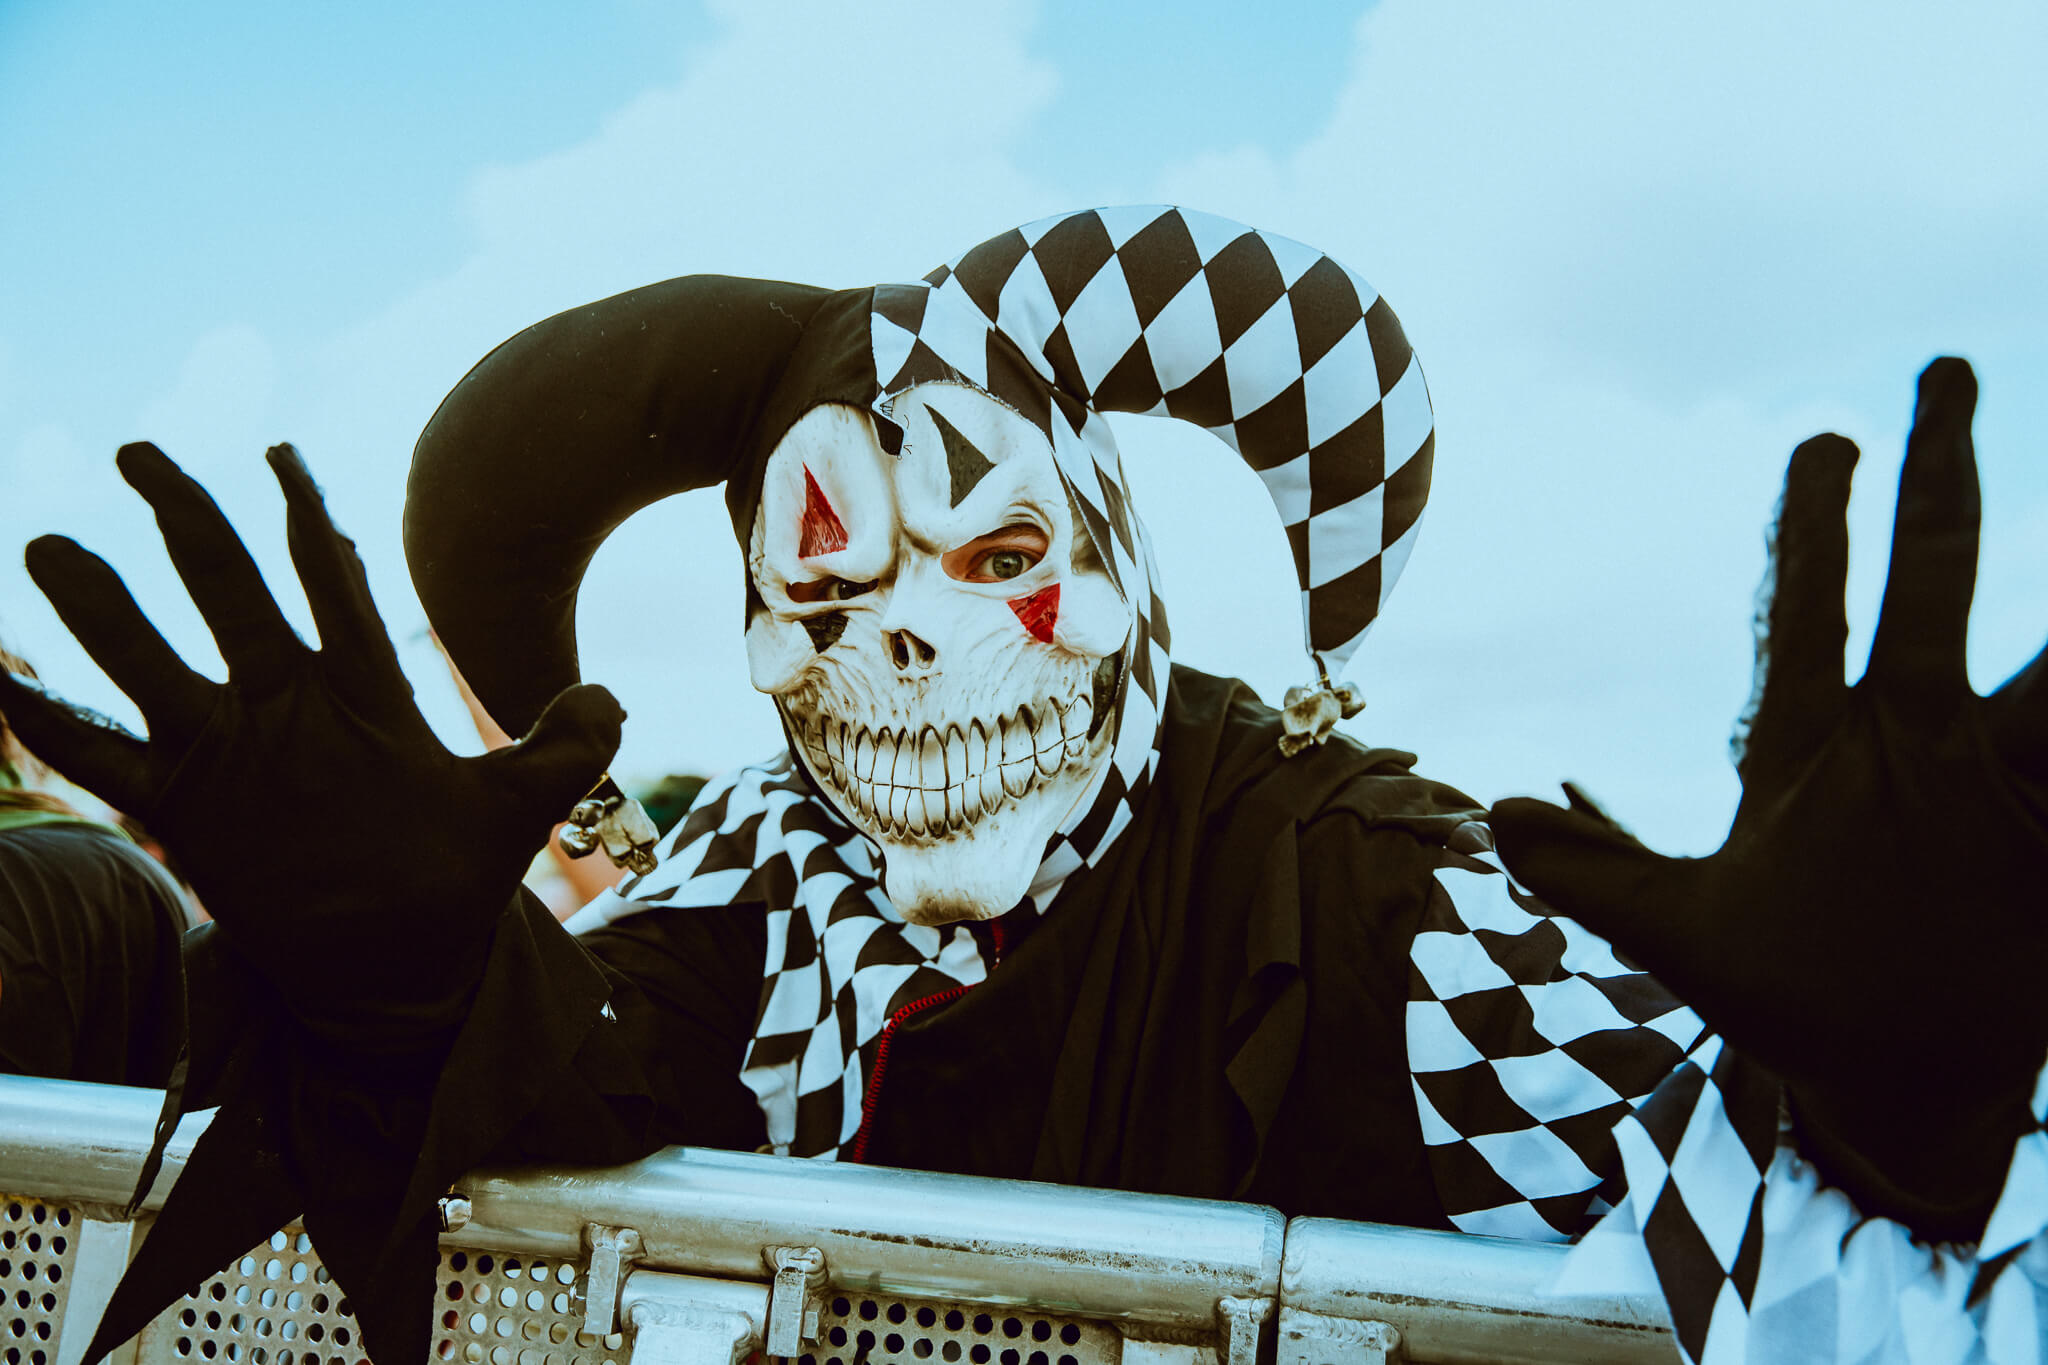 festival fan in costume